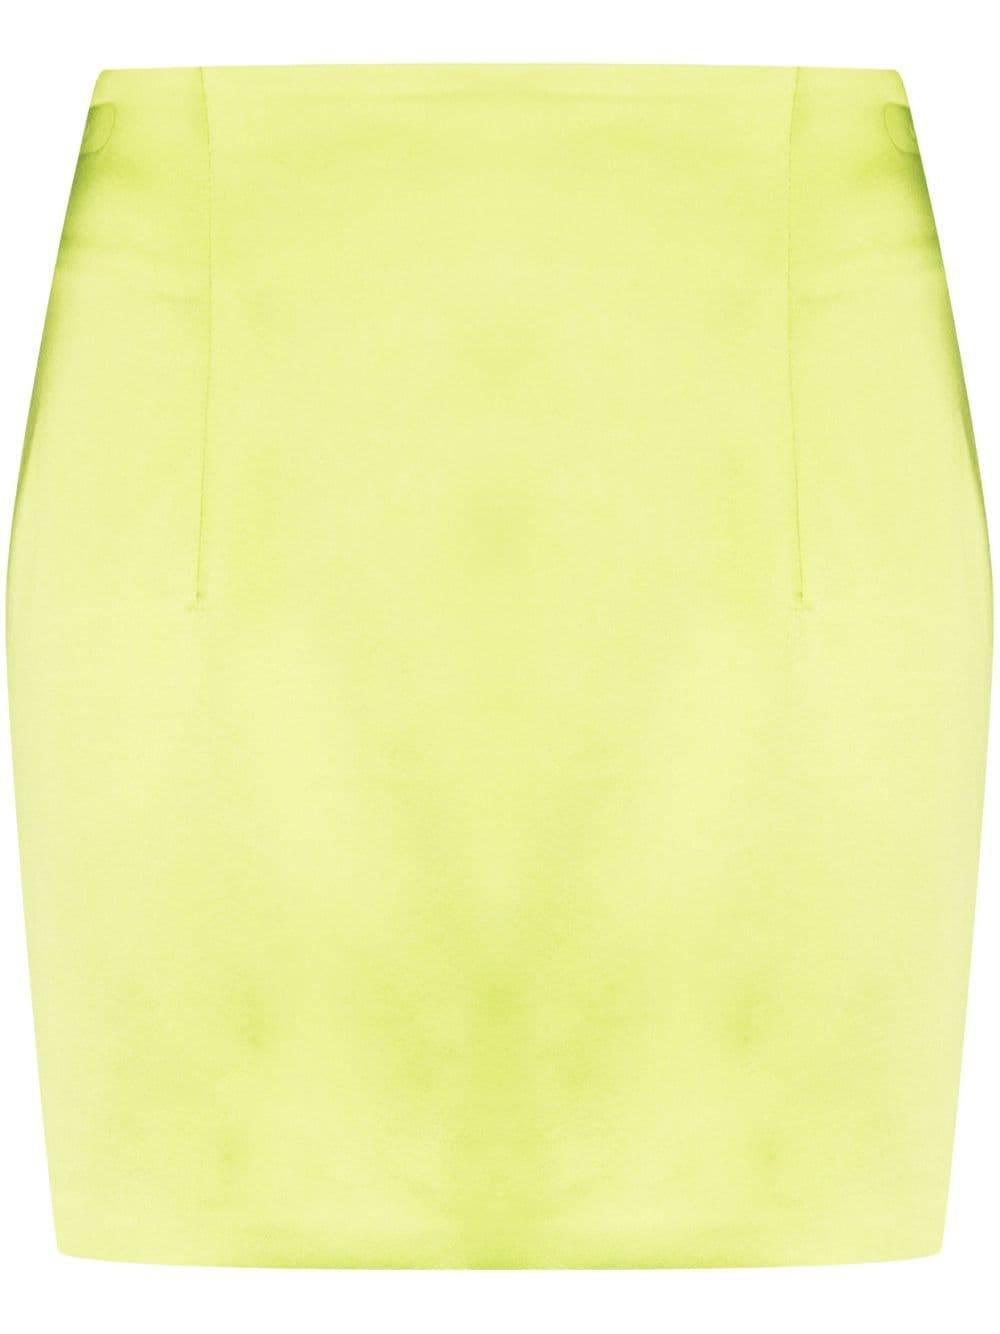 Mani Satin Mini Skirt Item # 3-20-2-3